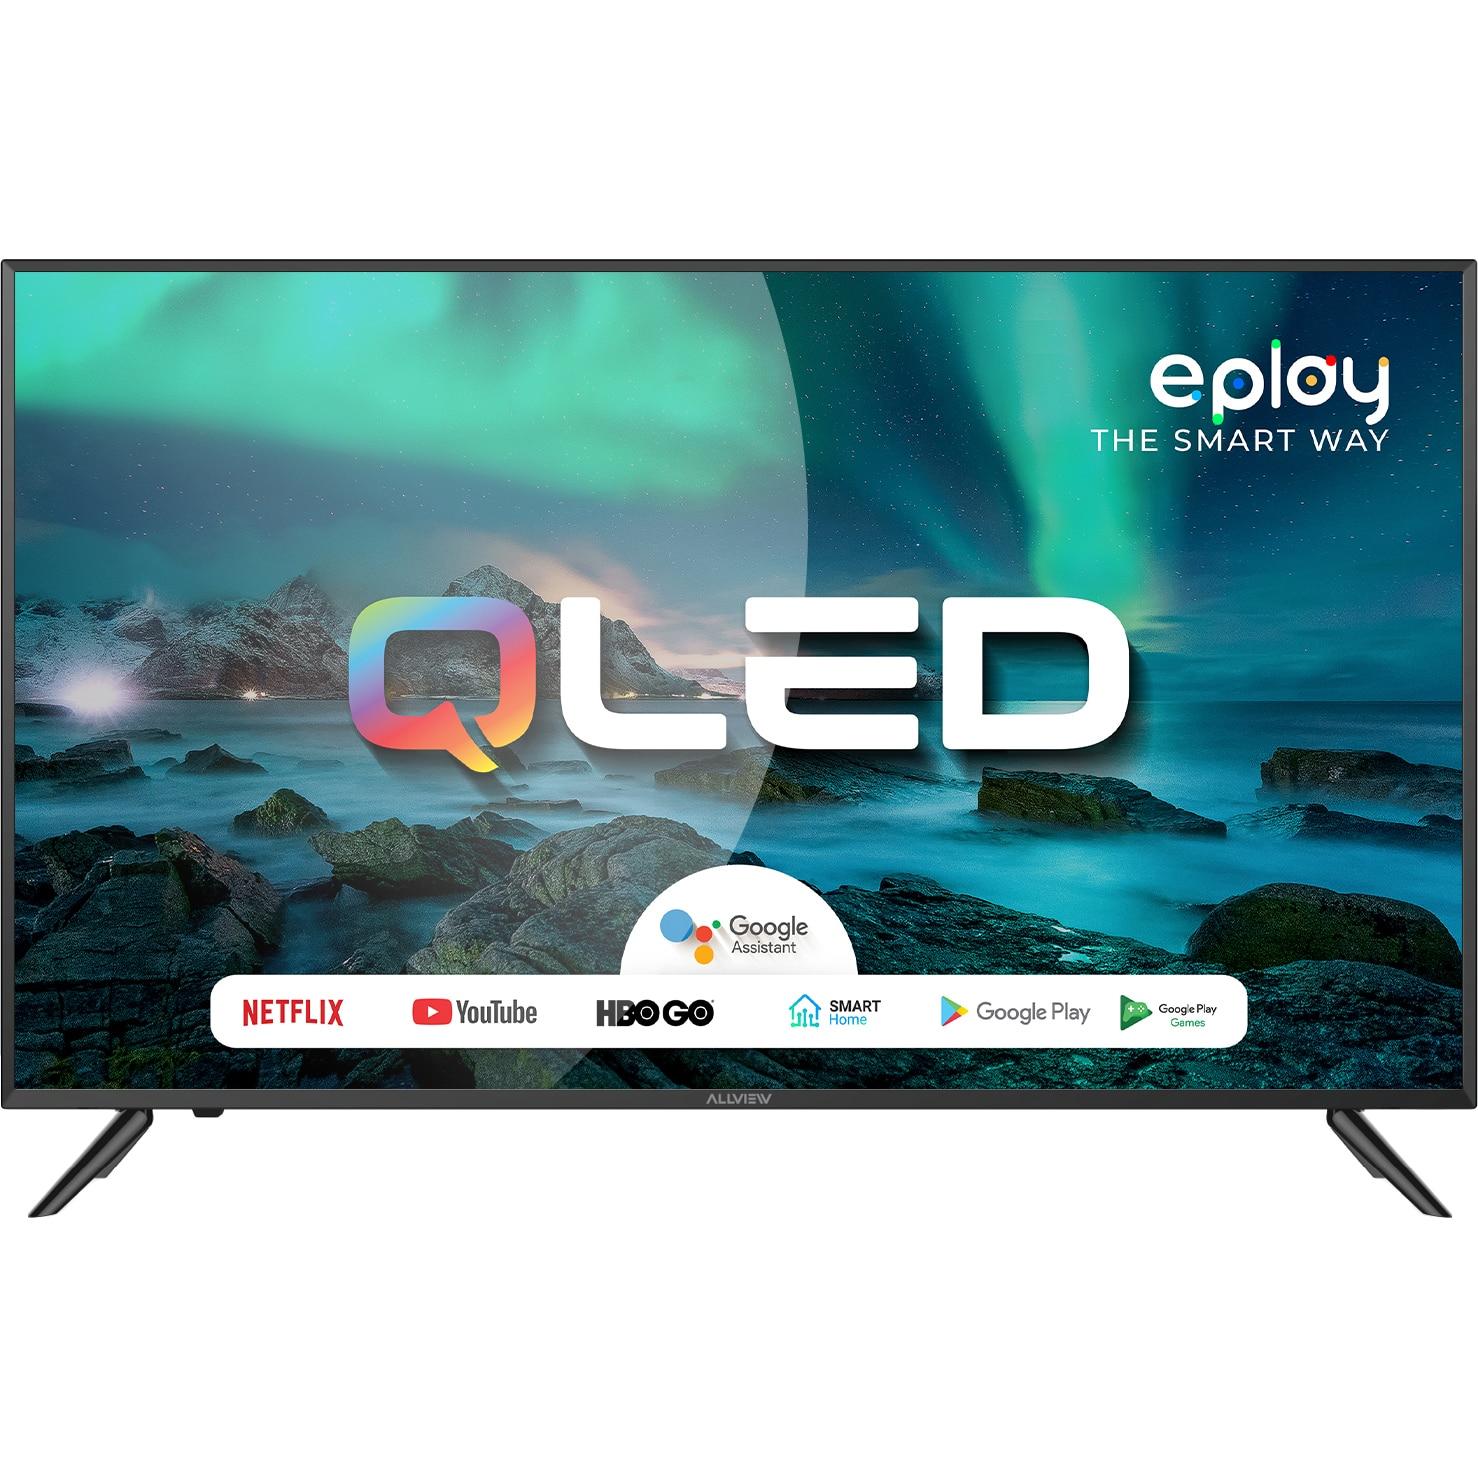 Fotografie Televizor Allview QL43ePlay6100-U, 108cm, Smart, 4K Ultra HD, QLED, Clasa G